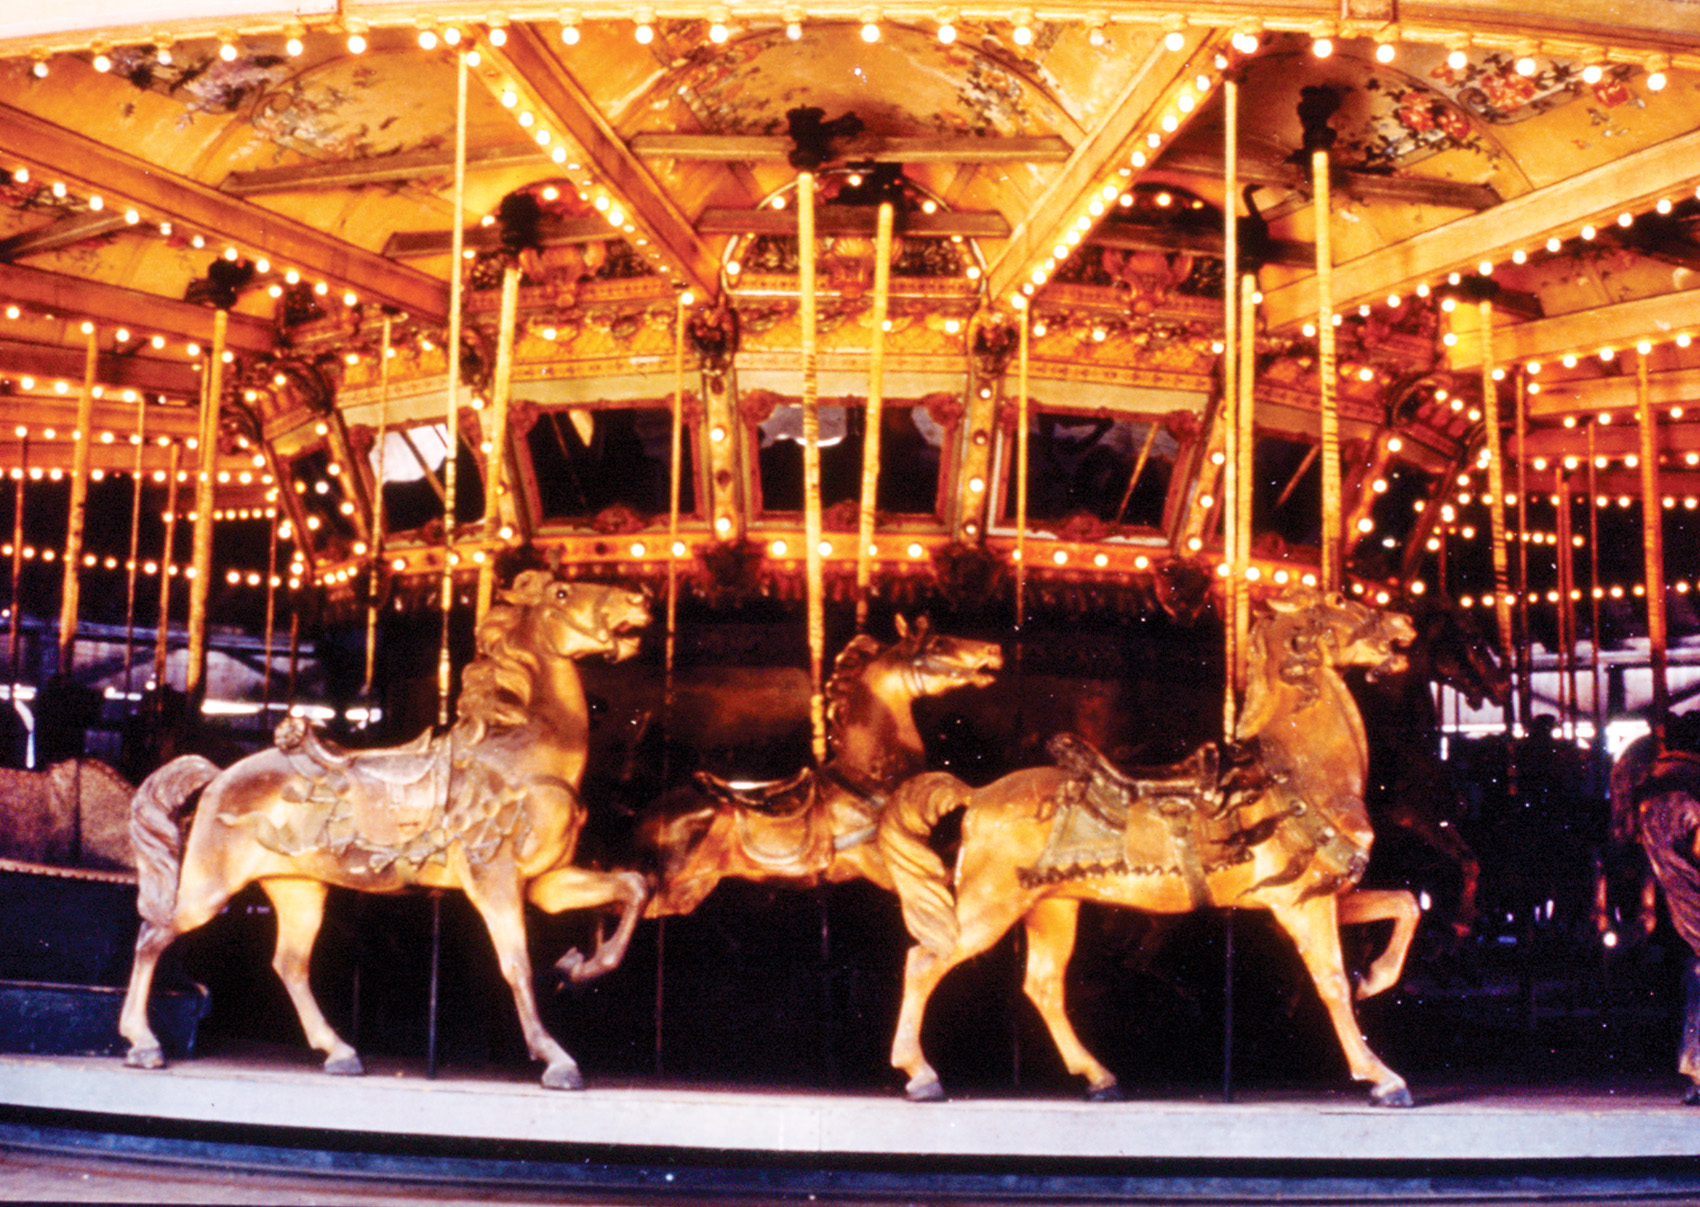 1927-Rock-Springs-WV-Dentzel-Muller-carousel-ca-1970